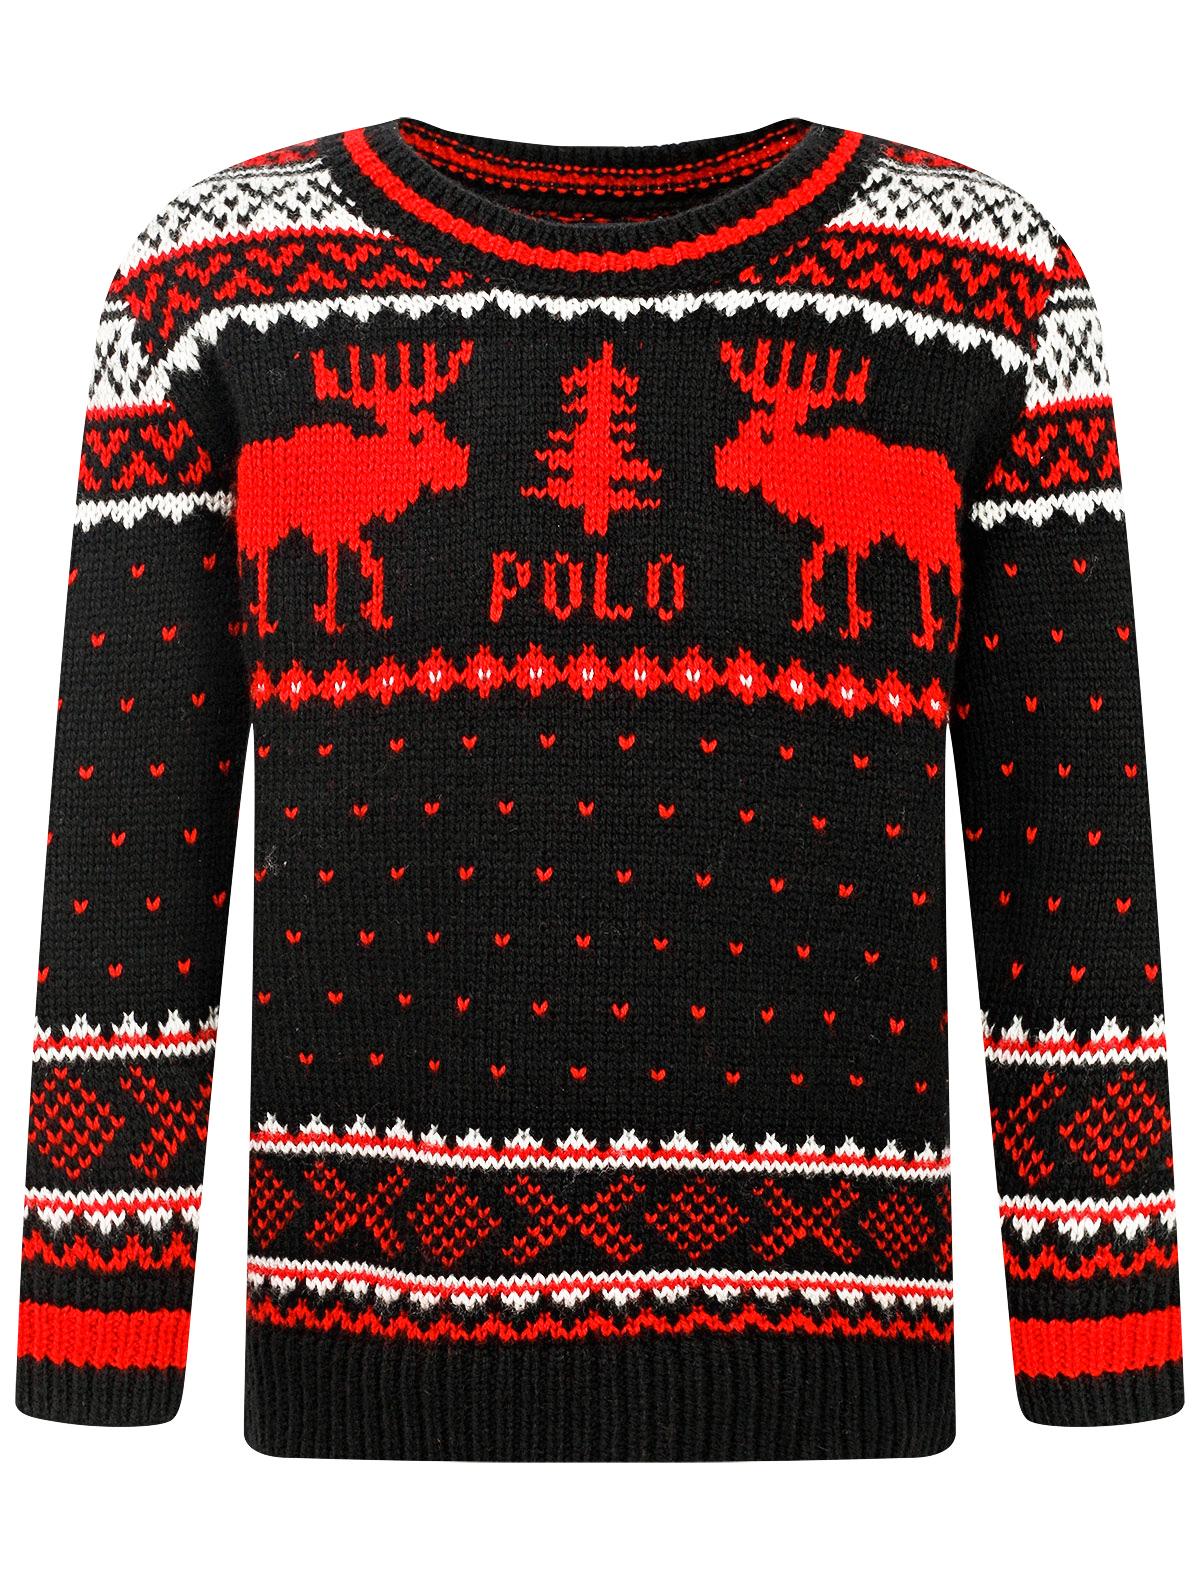 Купить Джемпер Polo Ralph Lauren для мальчиков 321765731001(322765731001) (BLACK MU) черный 116,